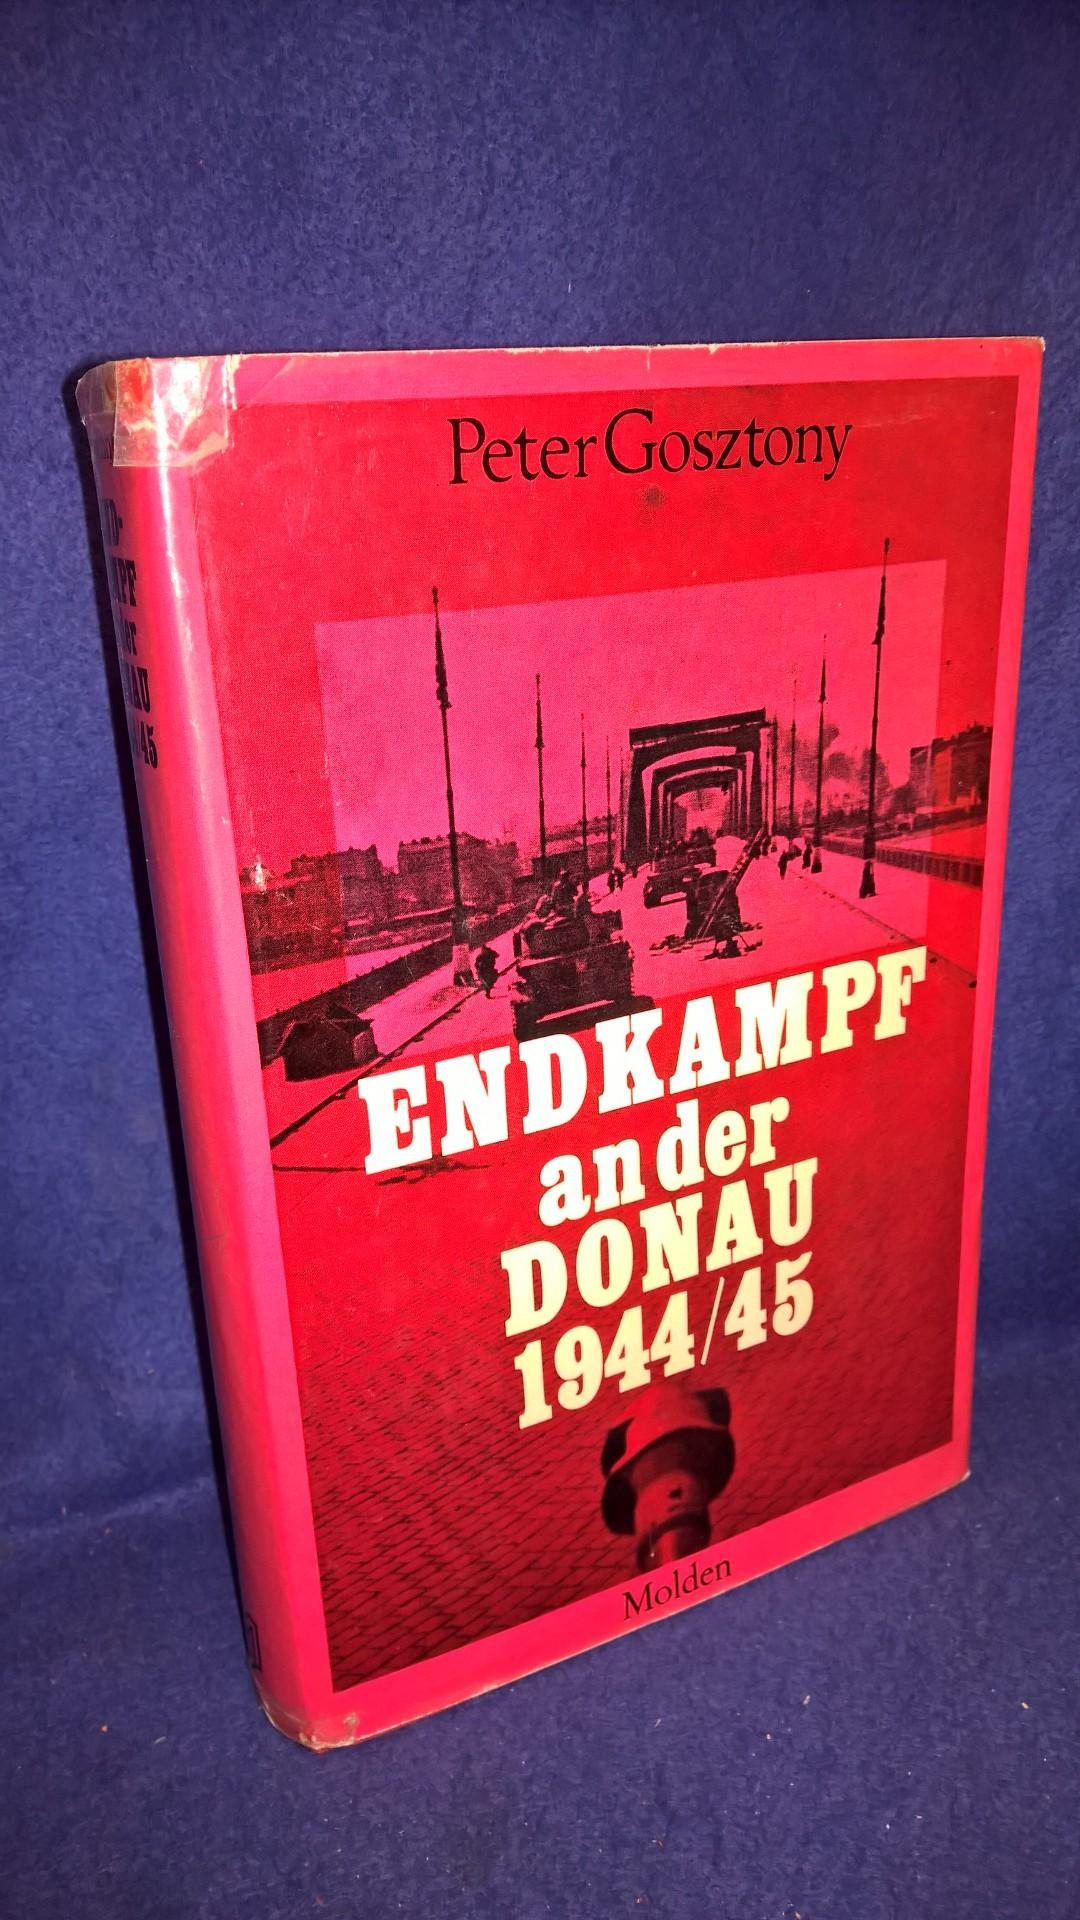 Endkampf an der Donau 1944/45.